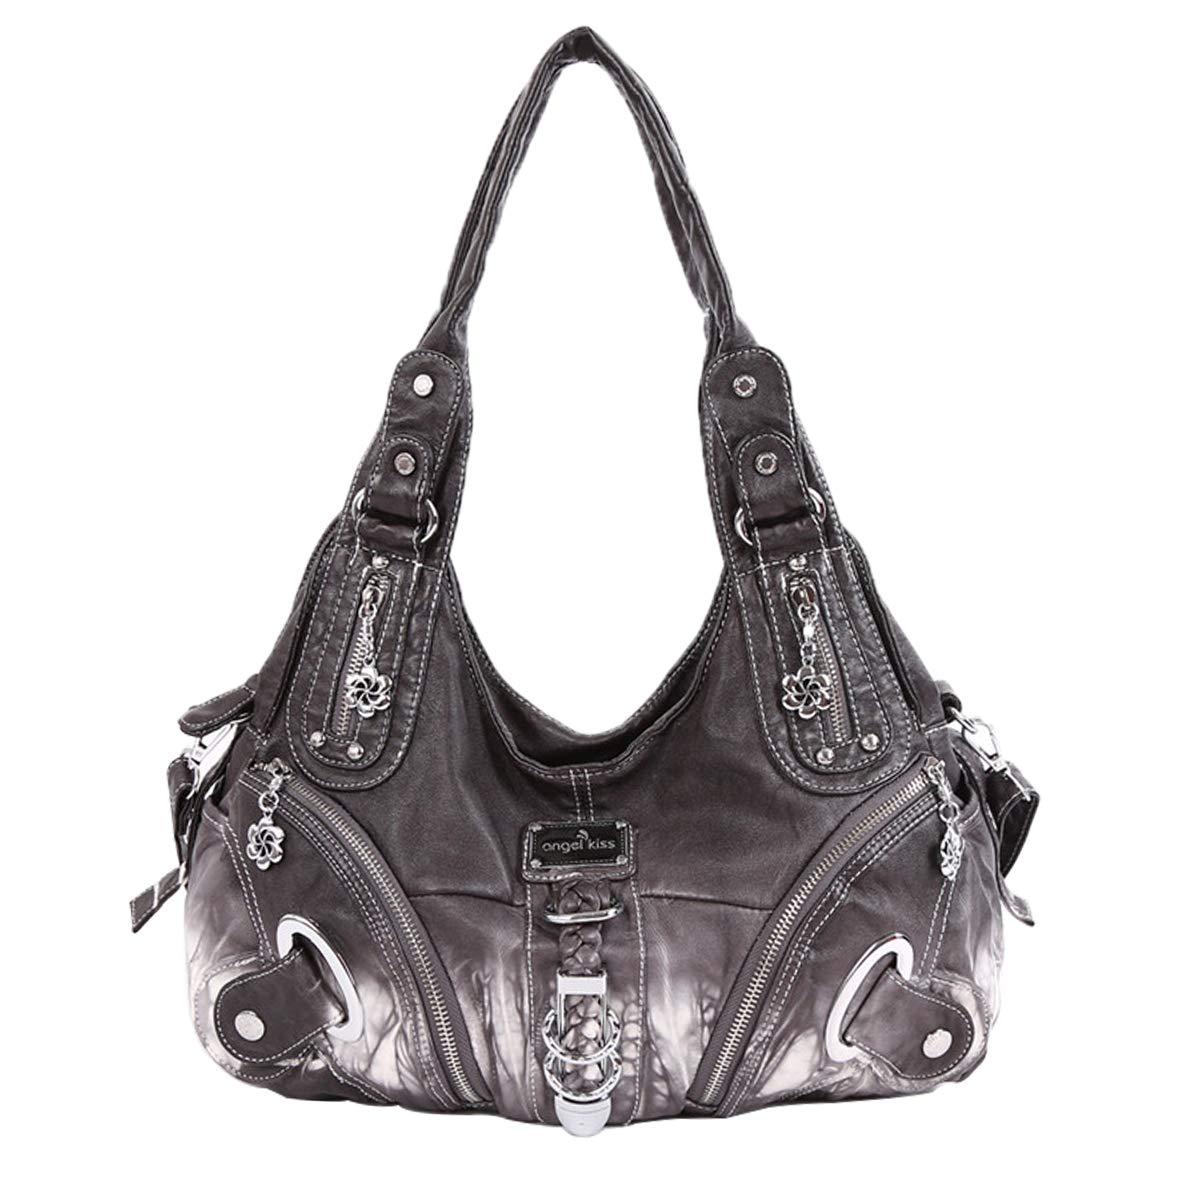 Ital Colore:Borgogna Borsa a tracolla in pelle Frans borsa tracolla donna borsa in pelle scamosciata T125